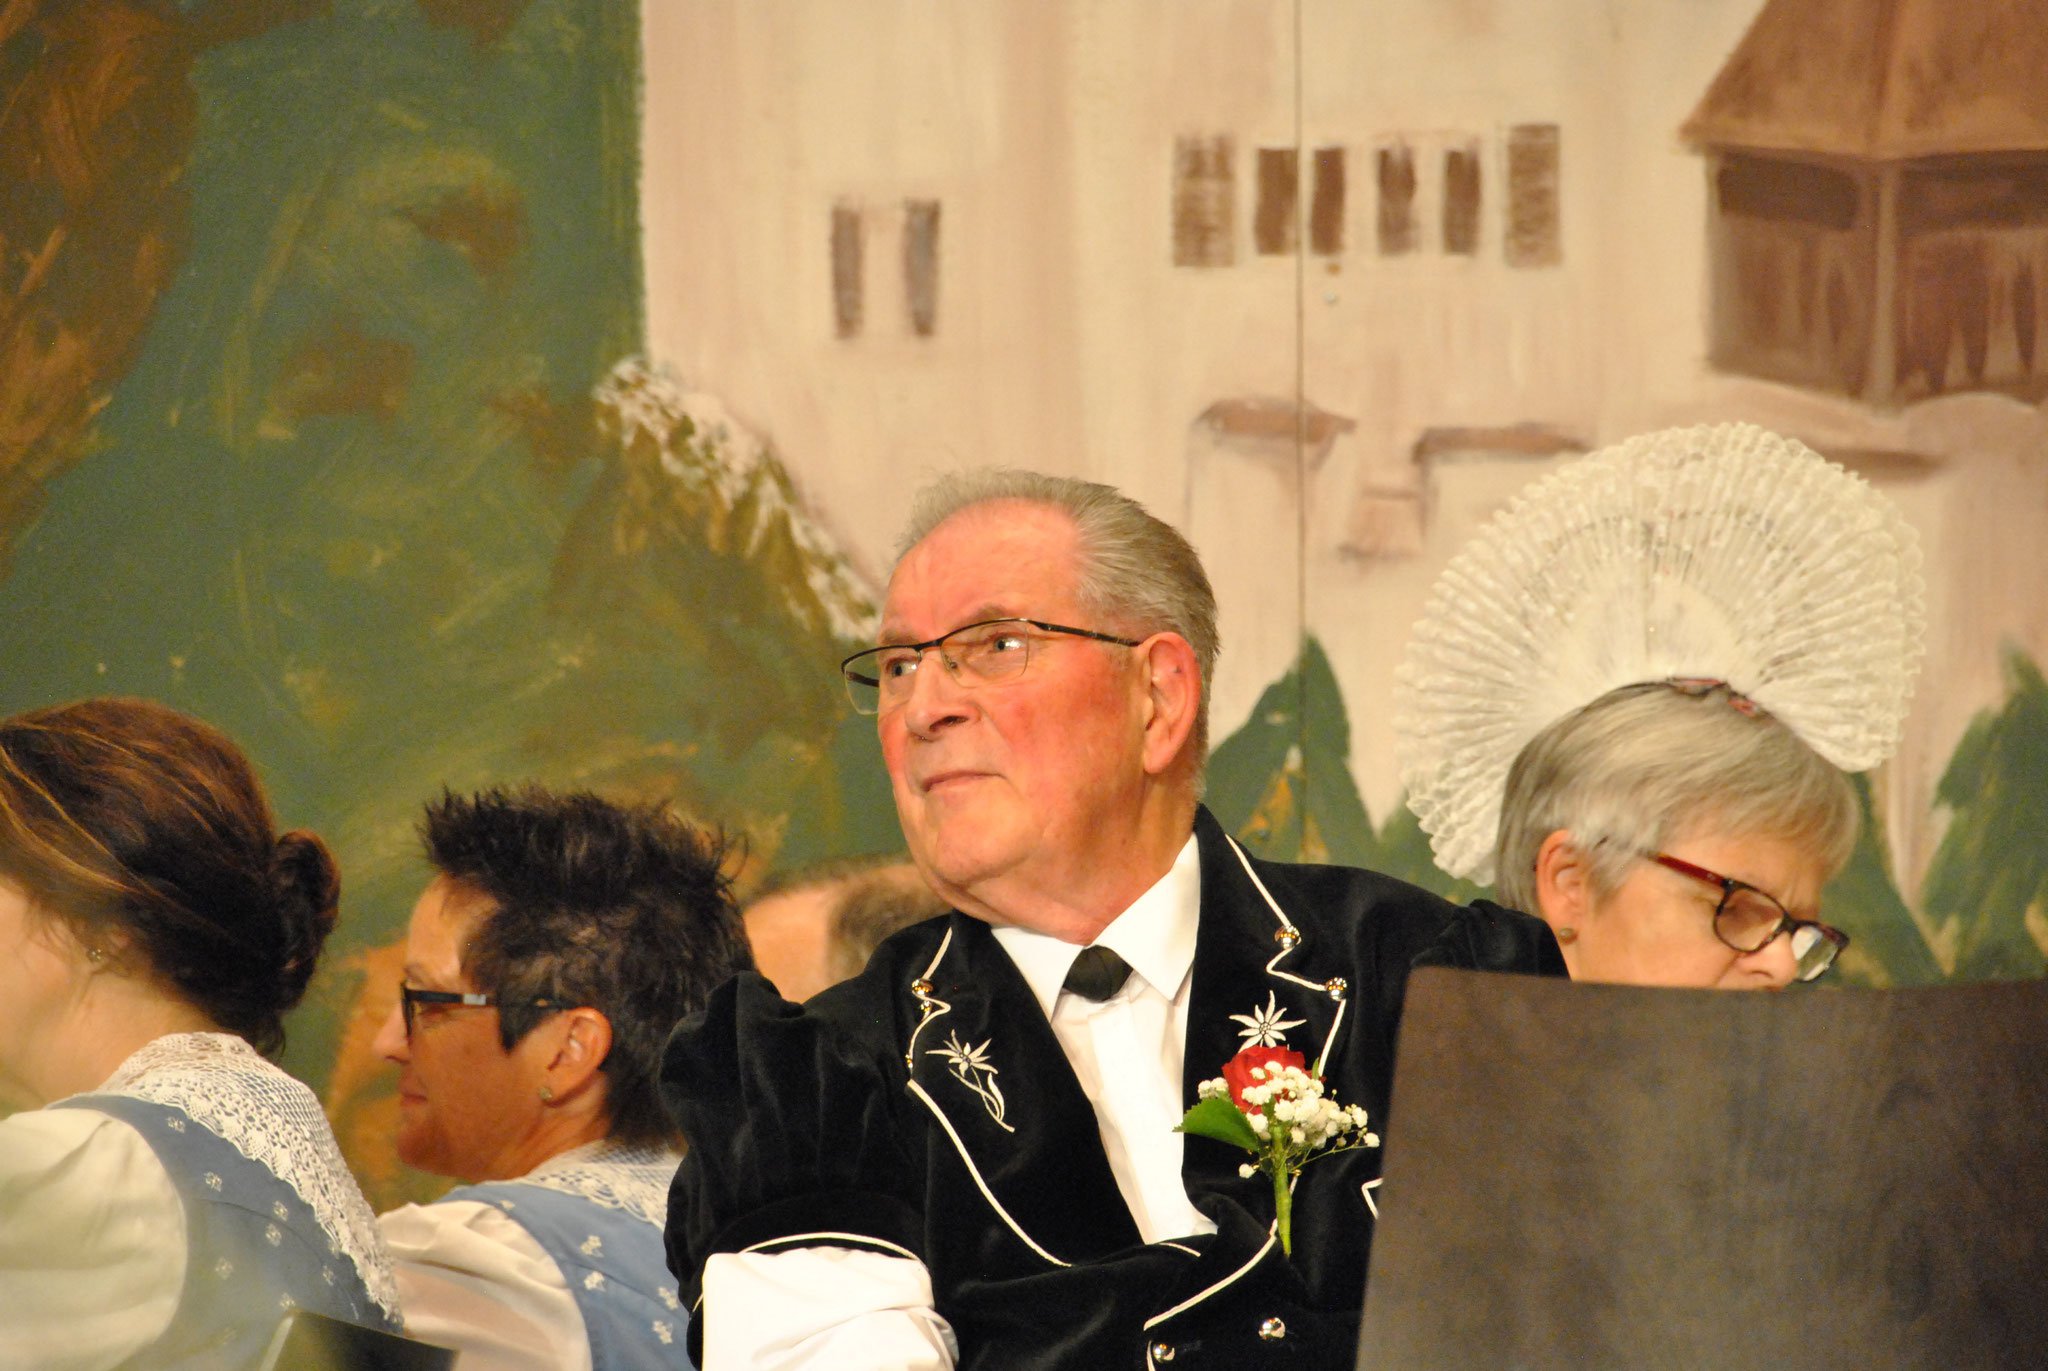 Dr Peter euse Dirigent muess guet lose was de verzellt am Mikrofon.